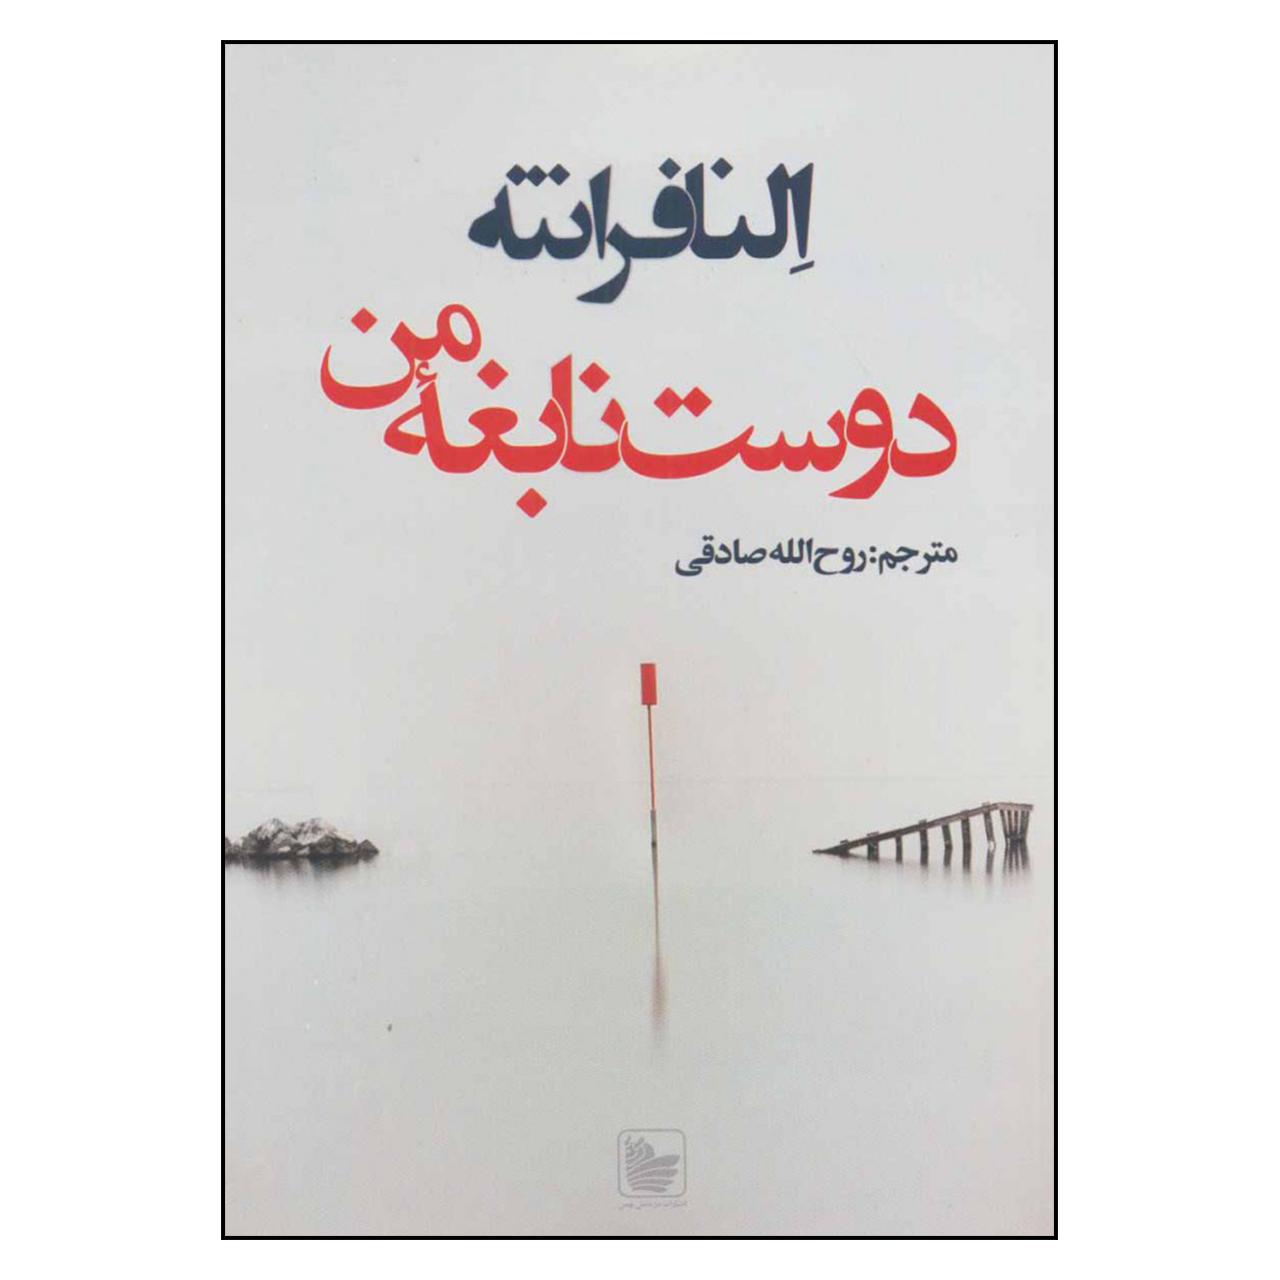 کتاب دوست نابغه من اثر النا فرانته نشر در دانش بهمن